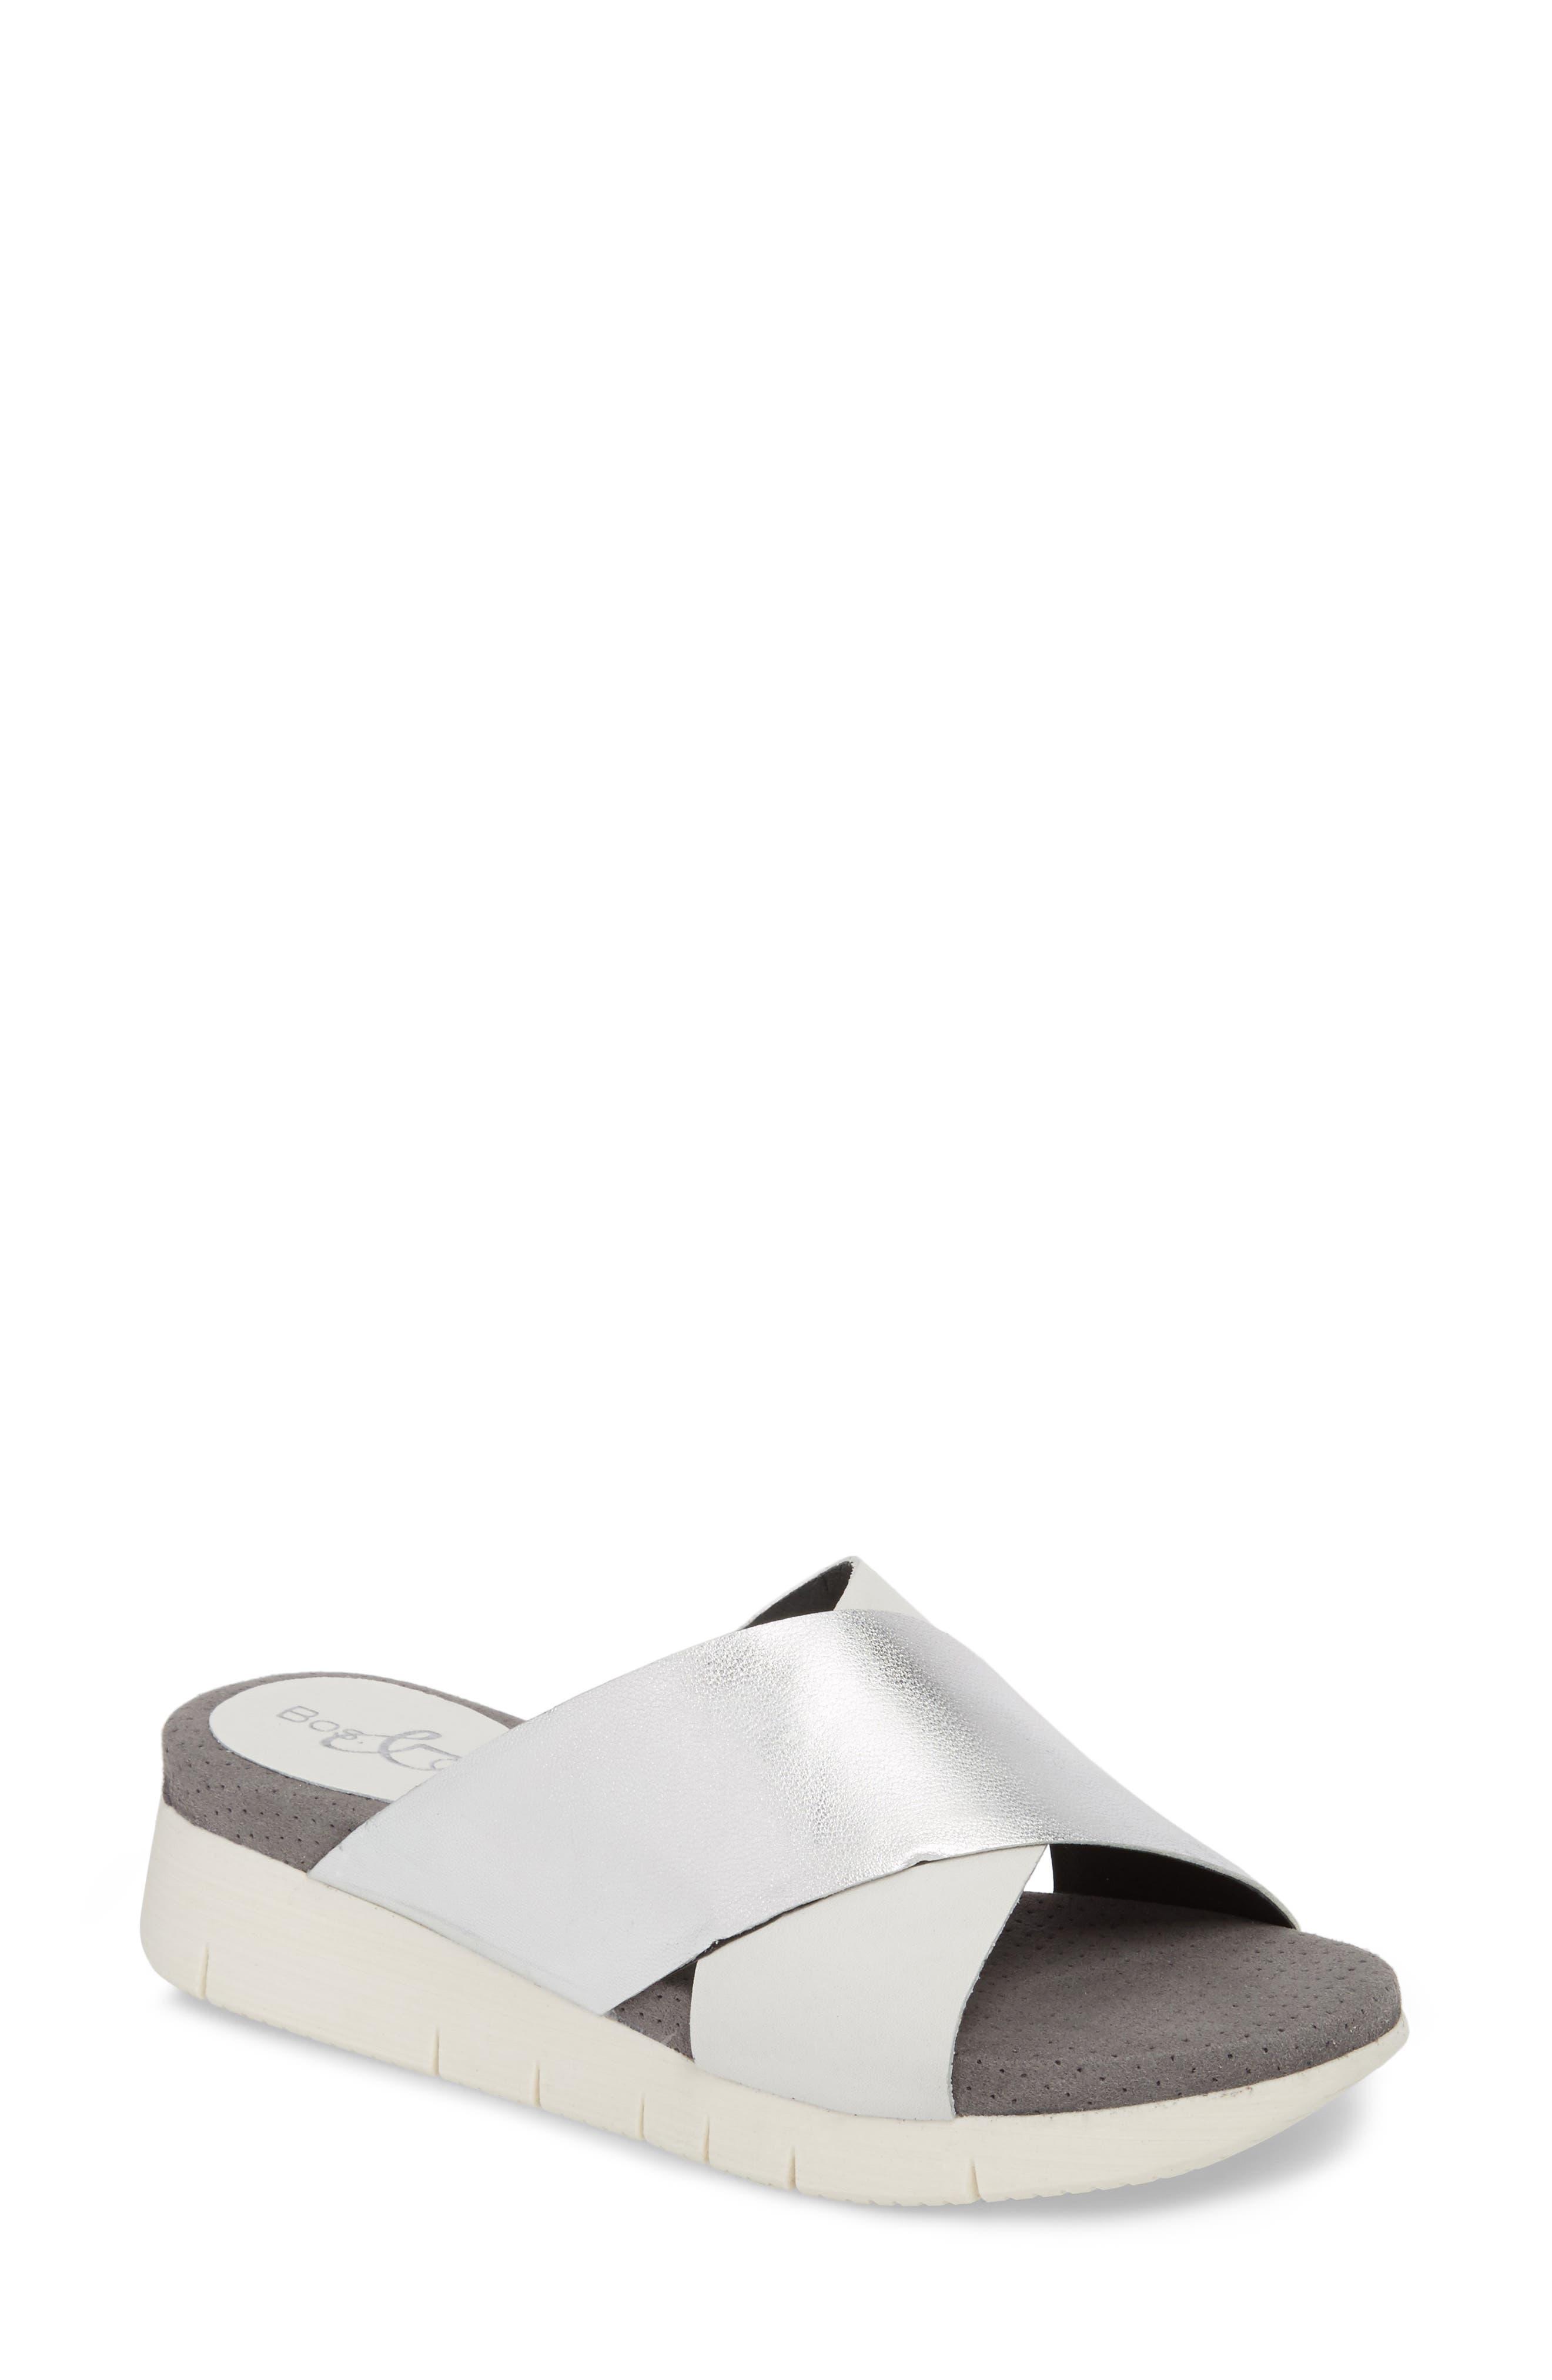 Bos. & Co. Piney Slide Sandal - White